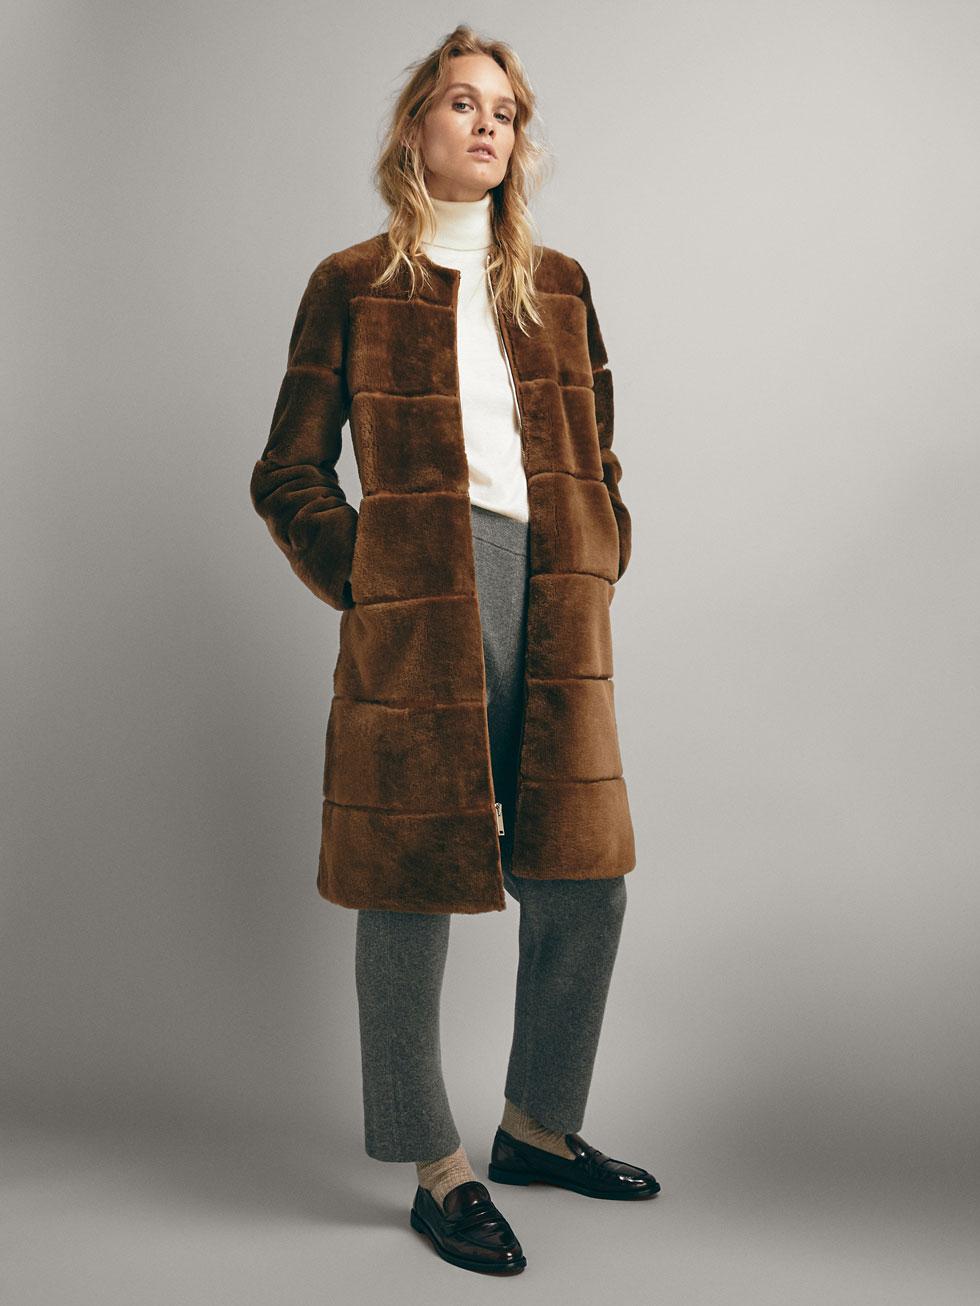 Dutti Collection En Massimo Femmes Blousons Cuir Vestes 5qg7w xBordeWC